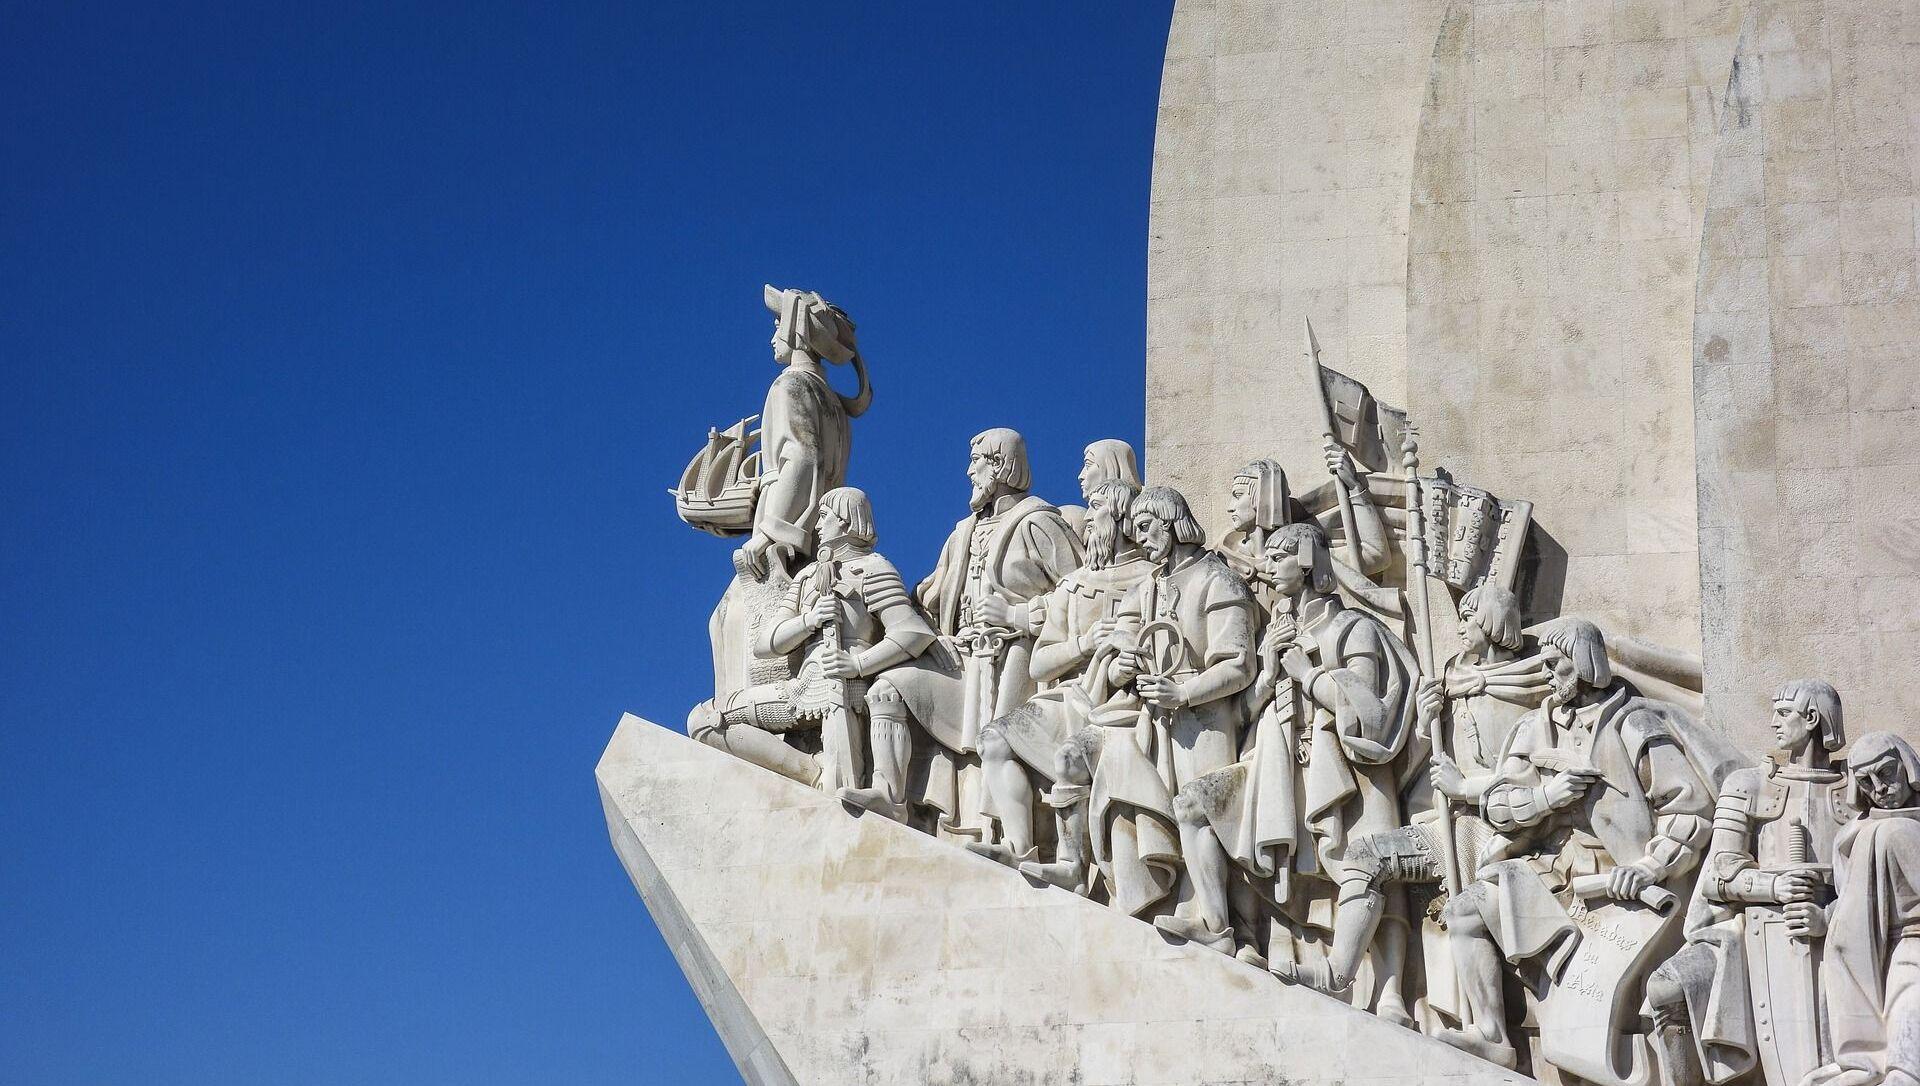 Le monument des Découvertes à Lisbonne - Sputnik France, 1920, 11.08.2021